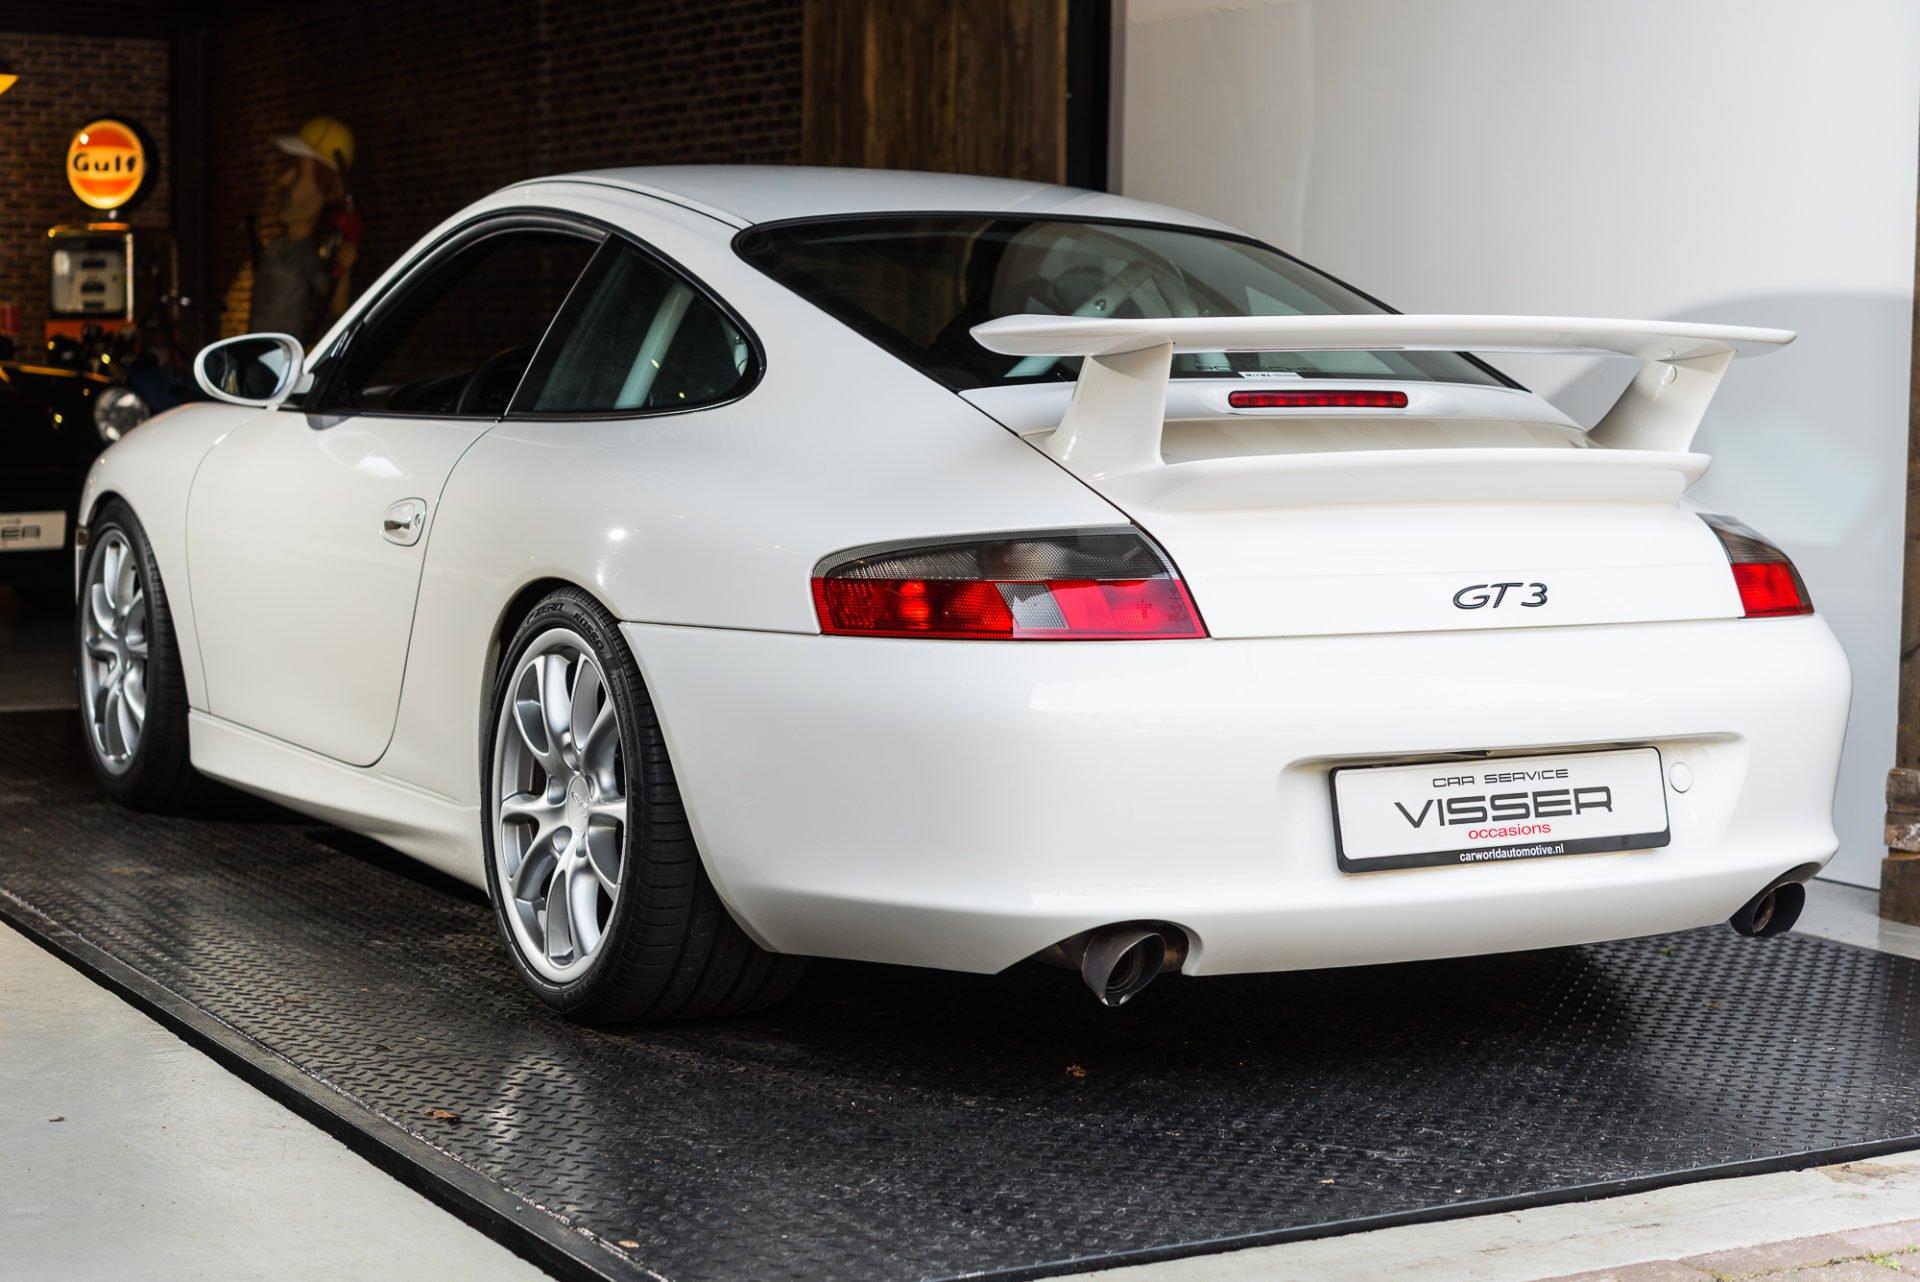 PORSCHE 996 GT3 WIT - 20180407 -5